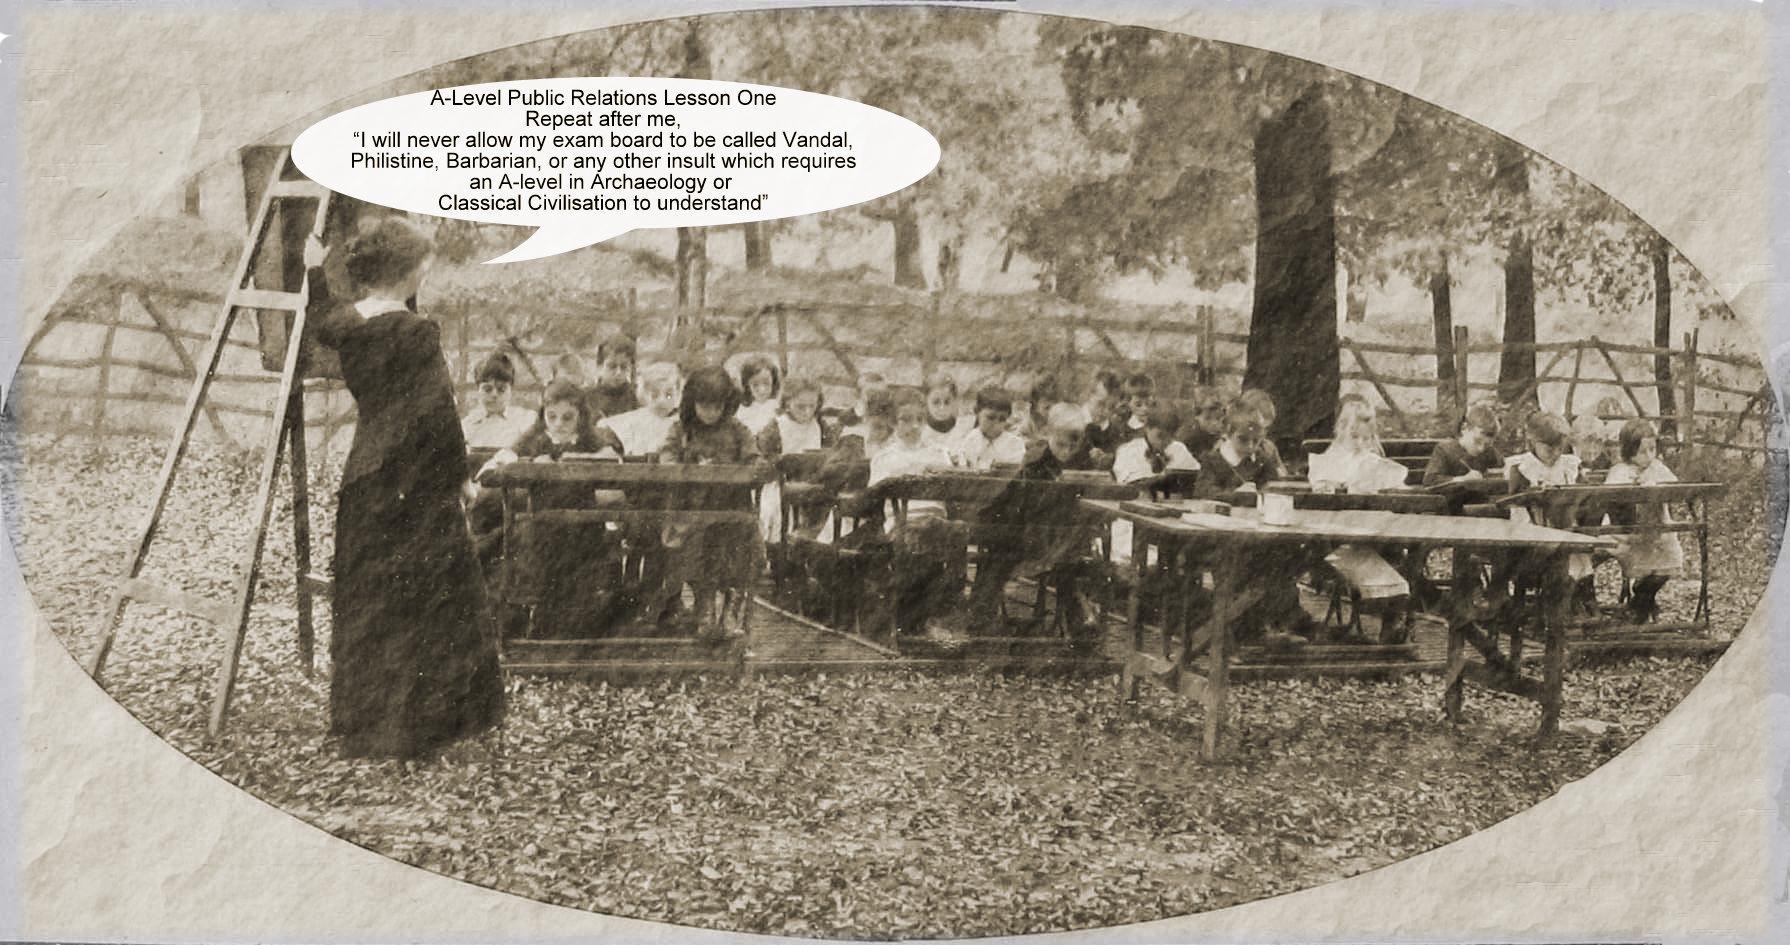 aqa-classroom-learning-web